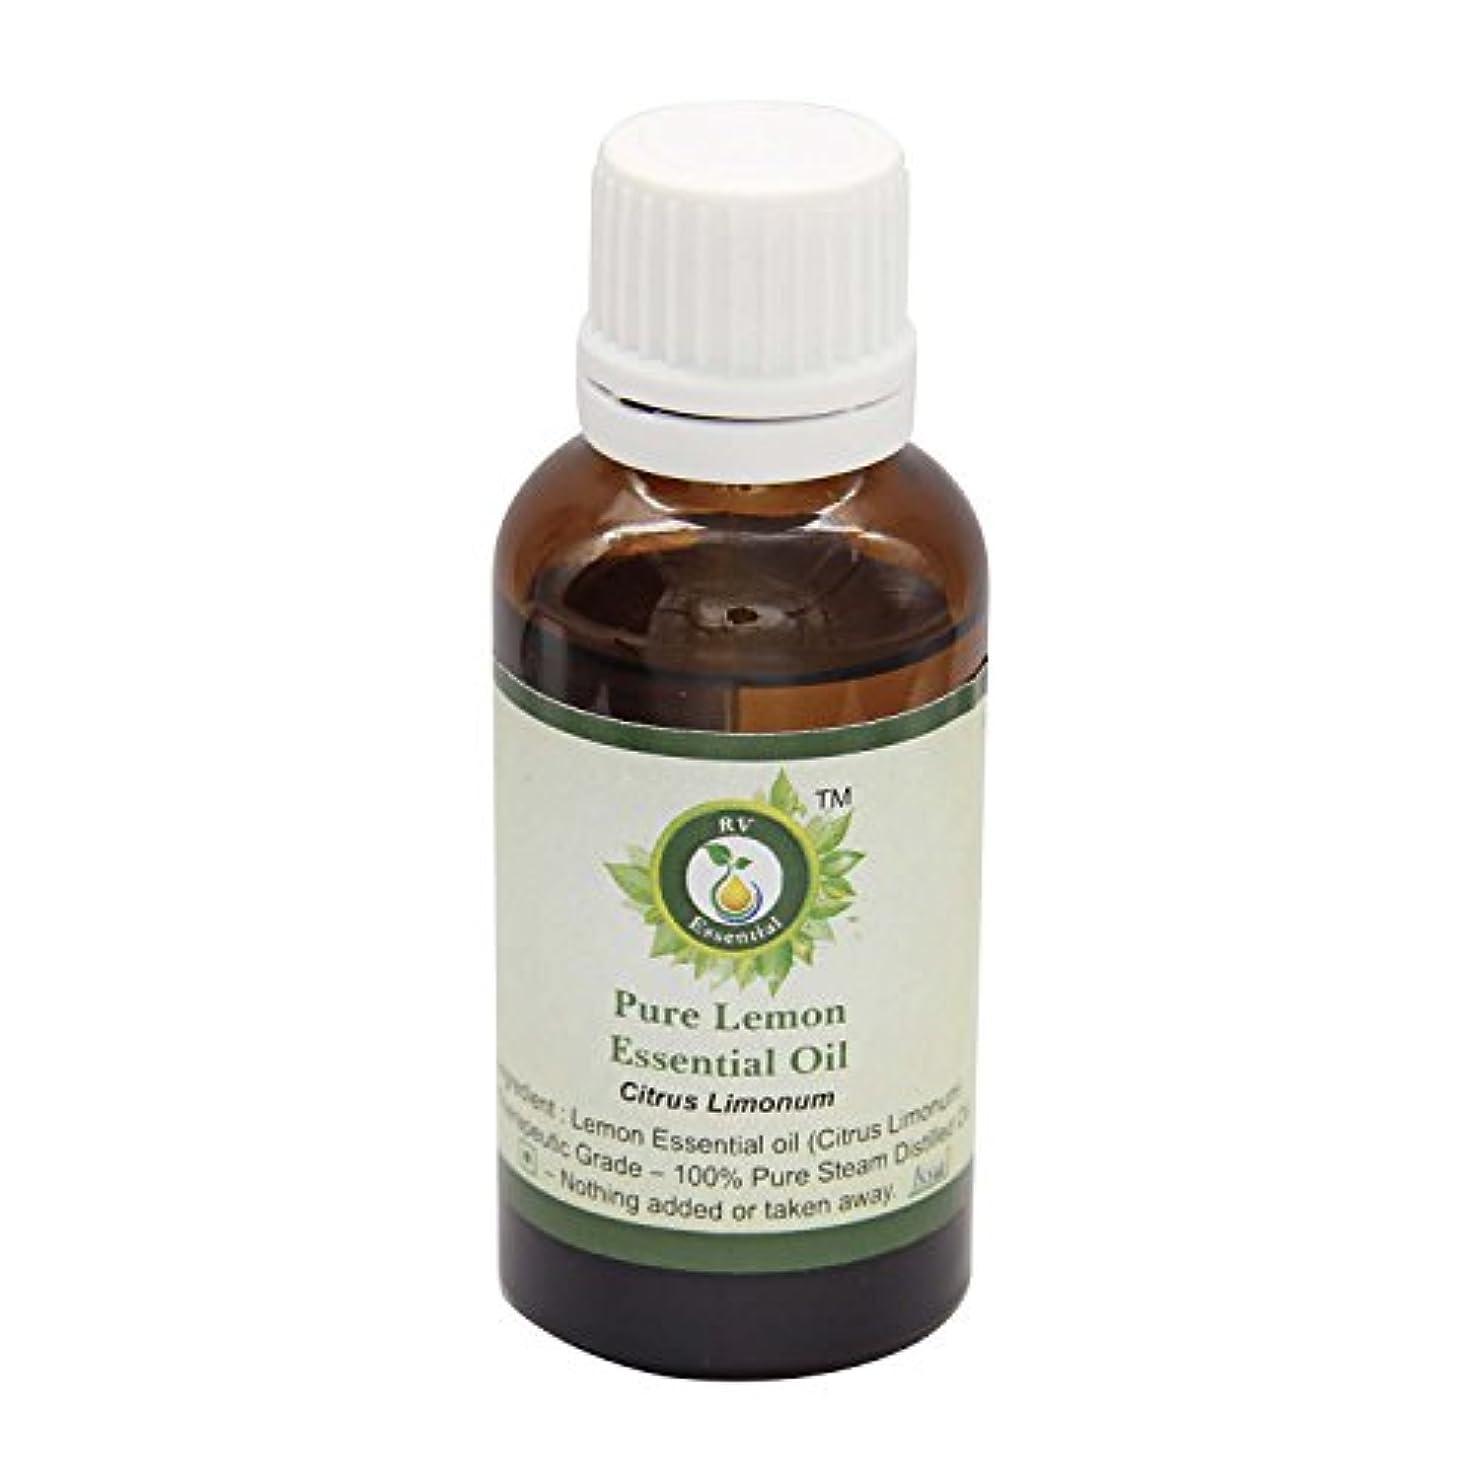 将来の刺す同一のR V Essential ピュアレモンエッセンシャルオイル100ml (3.38oz)- Citrus Limonum (100%純粋&天然スチームDistilled) Pure Lemon Essential Oil